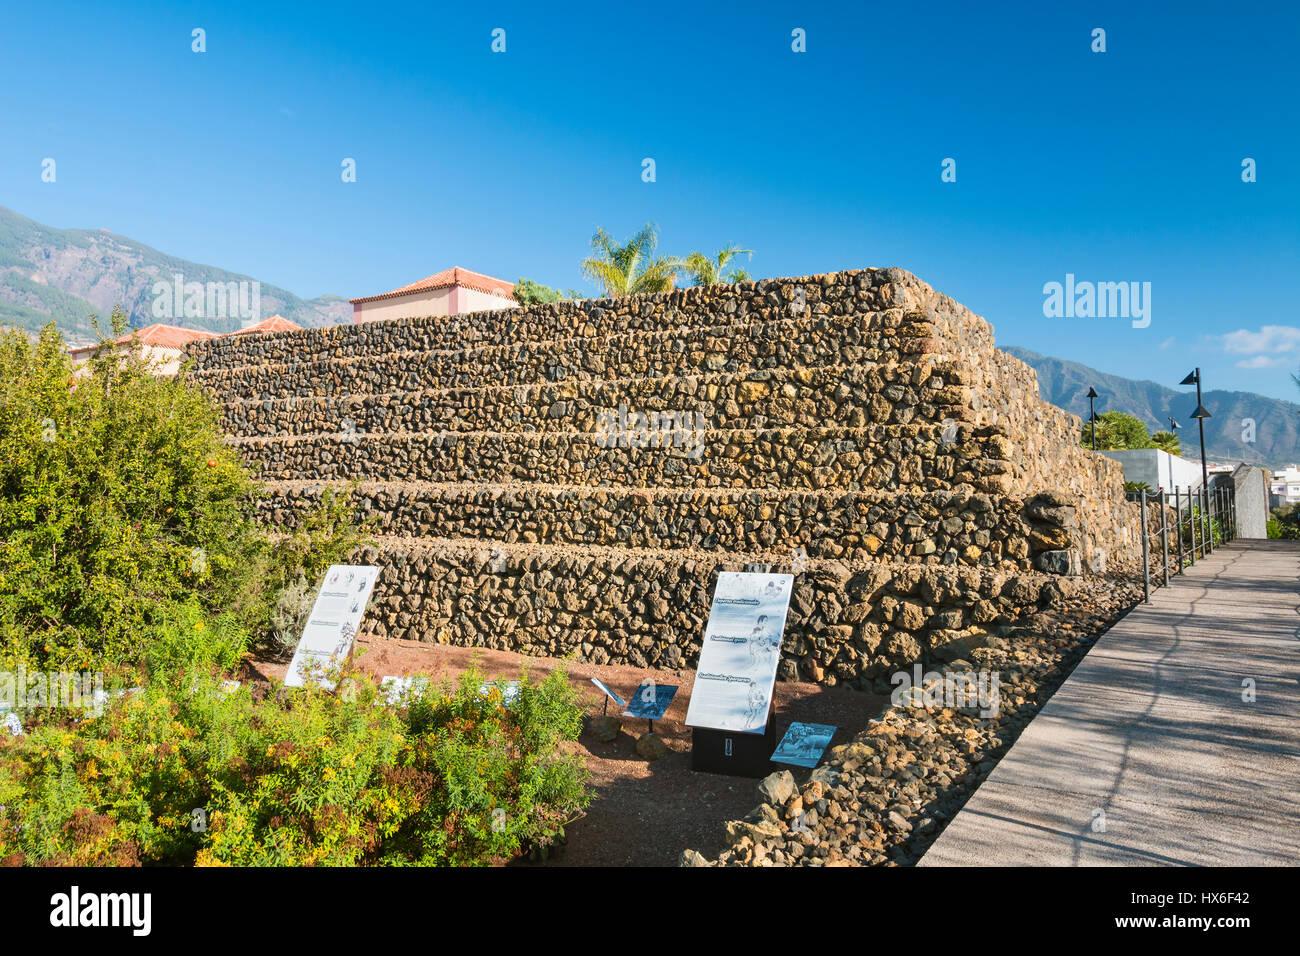 Teneriffa - 14. Oktober: Die alten Pyramiden von Guimar in Teneriffa, Spanien am 14. Oktober 2014 Stockbild